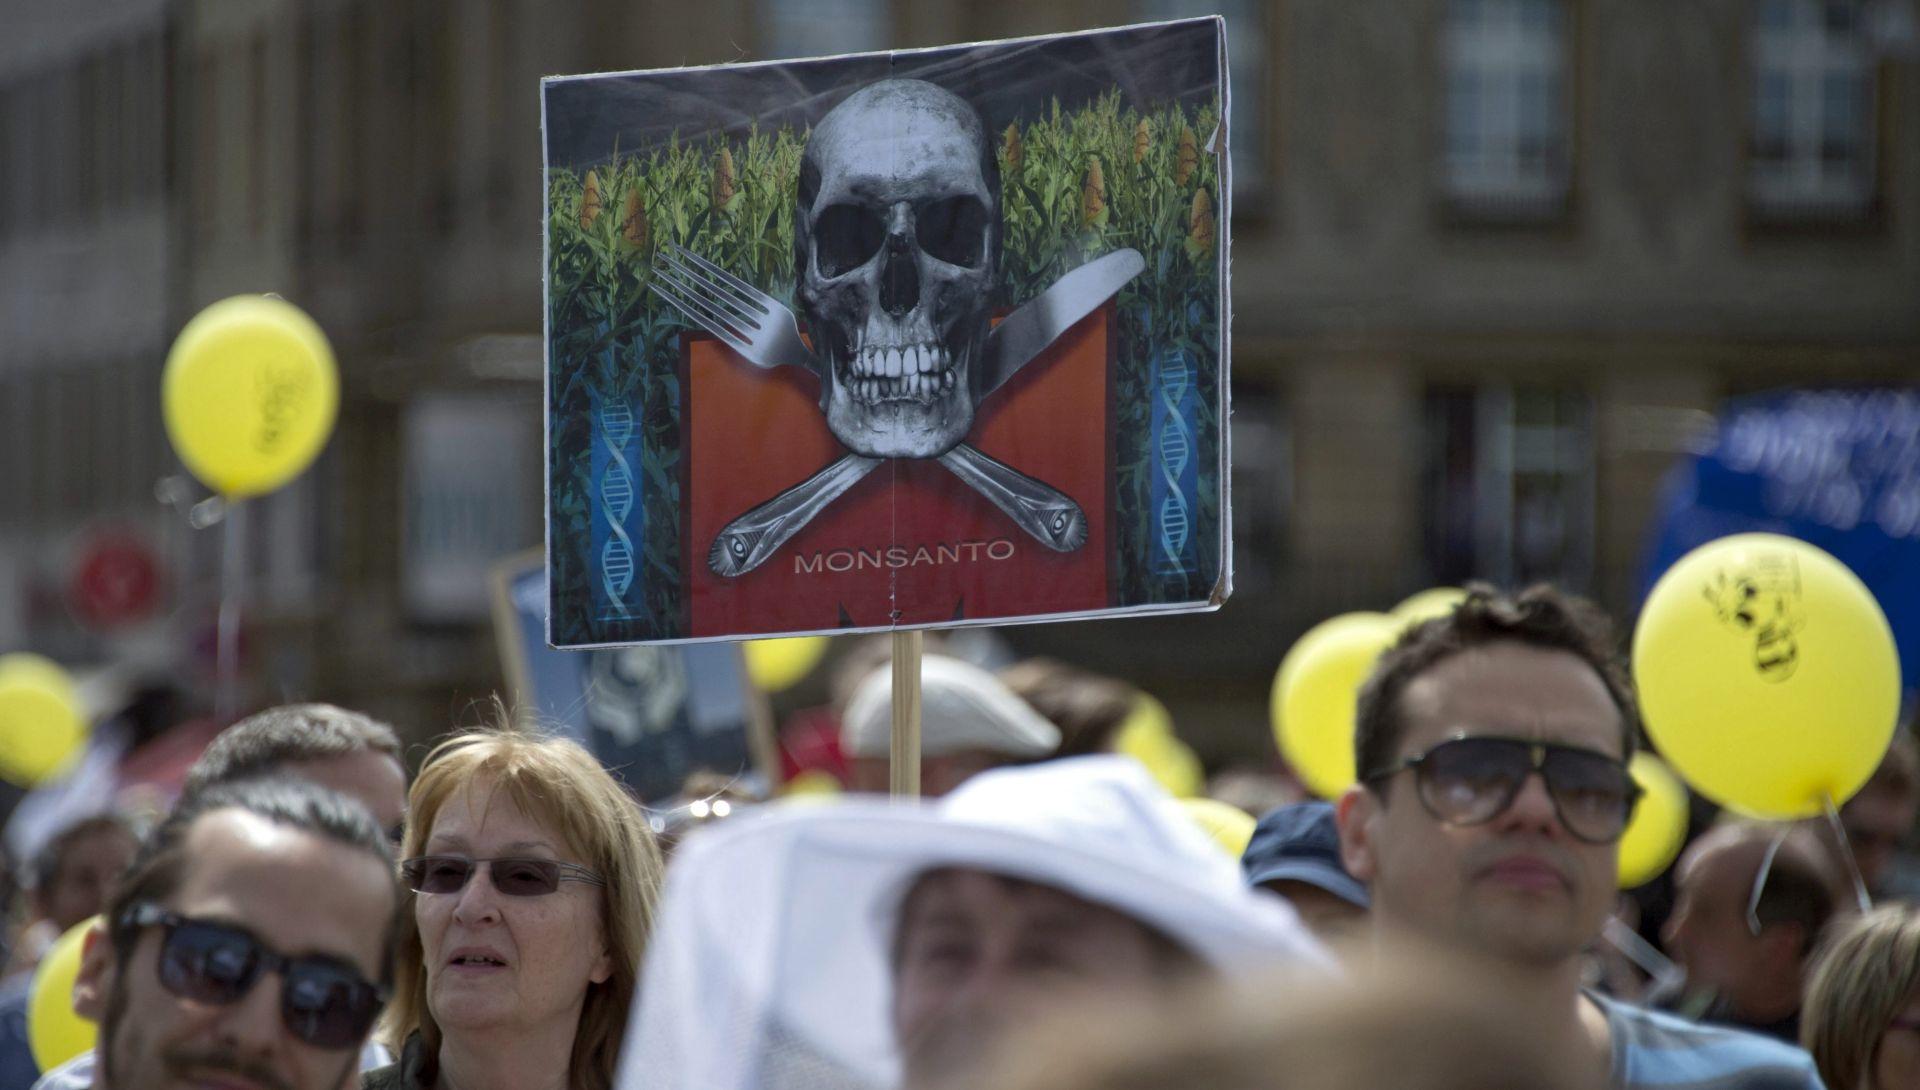 U europskim gradovima prosvjedi protiv Monsanta